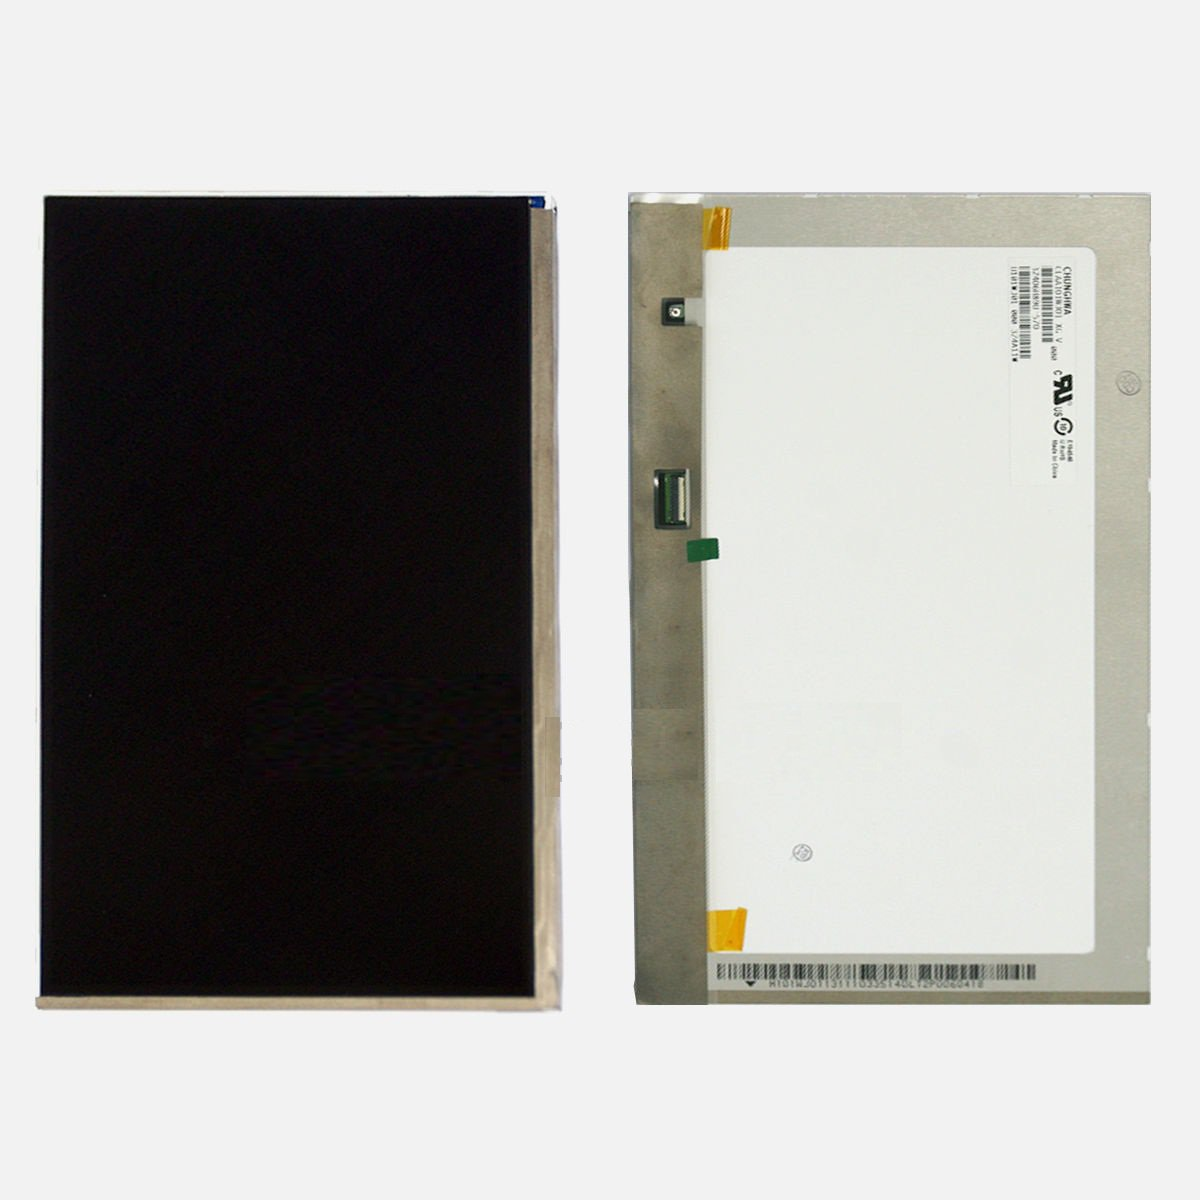 OEM ASUS Vivo Tab RT TF600T TF600 LCD Screen Display Replacement Repair Part